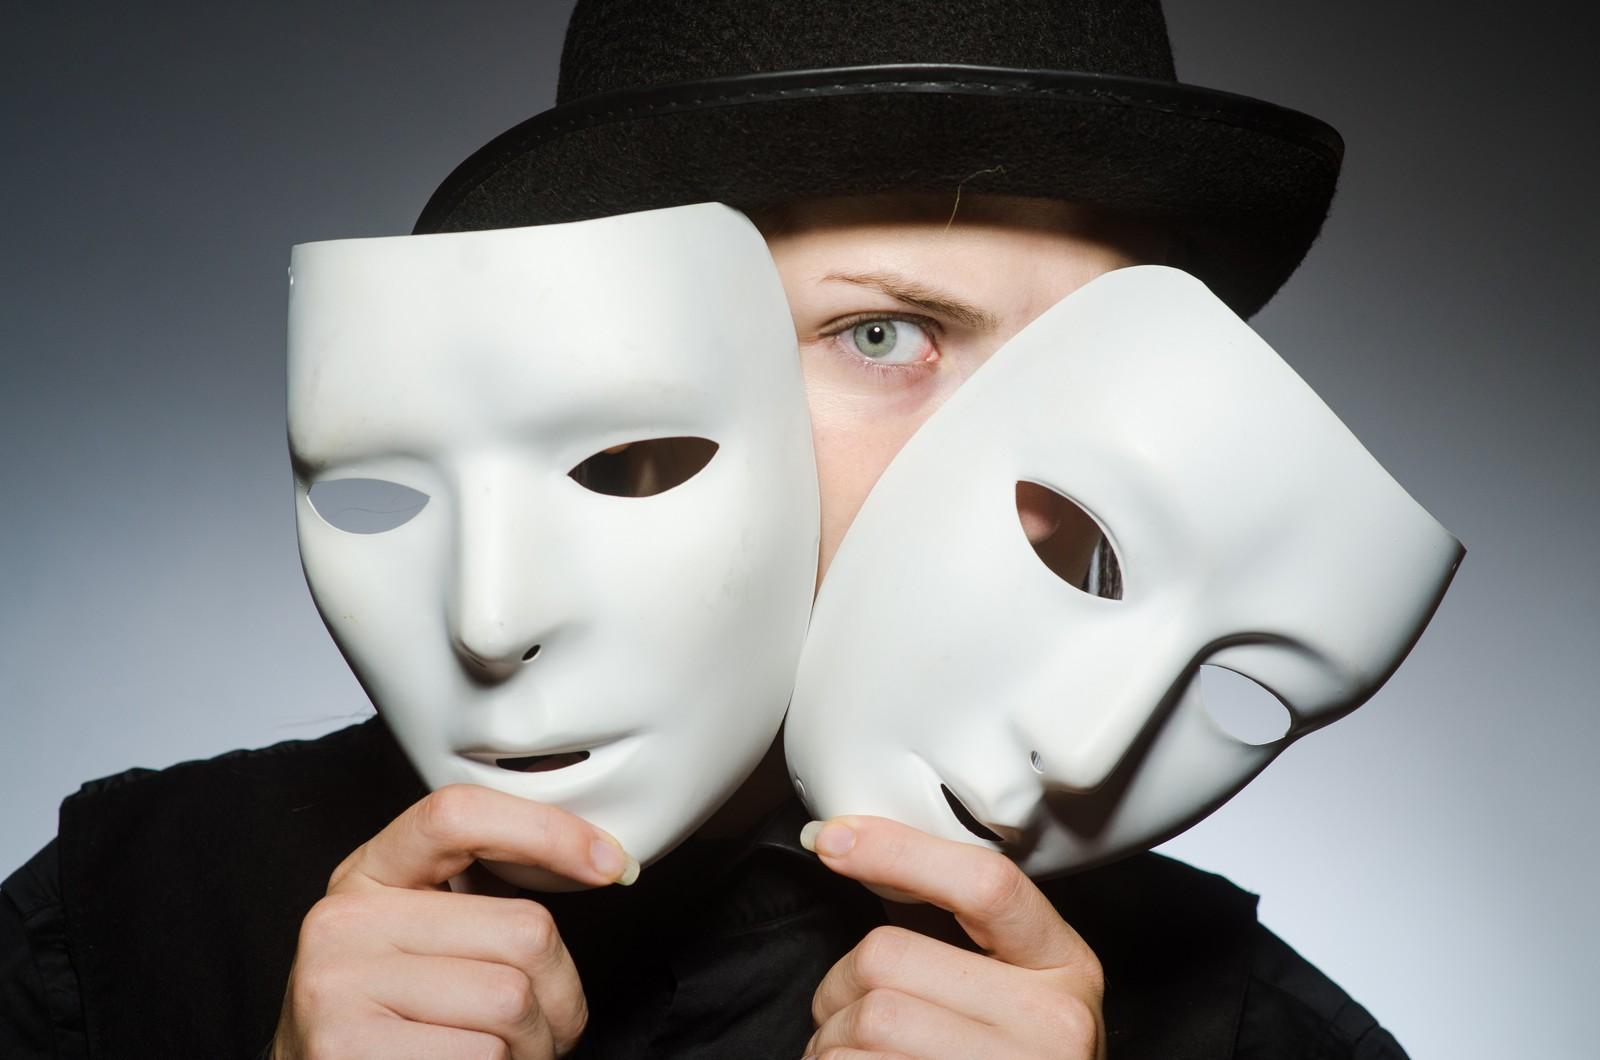 Falsche Identität: Überweisungsbetrug mit gefälschter Unterschrift fällt in Banken nicht auf.